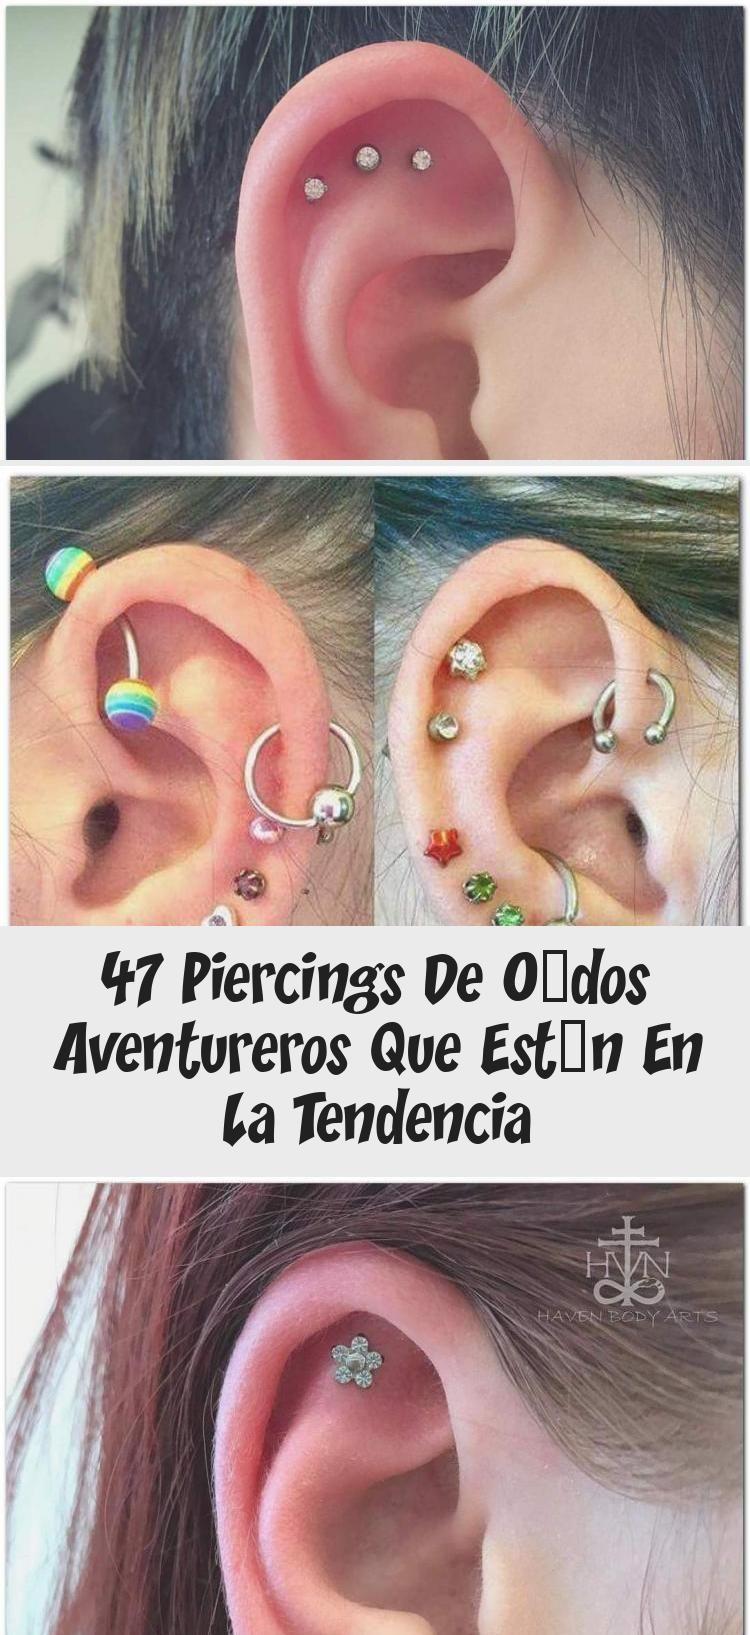 47 Piercings De Oídos Aventureros Que Están En La Tendencia